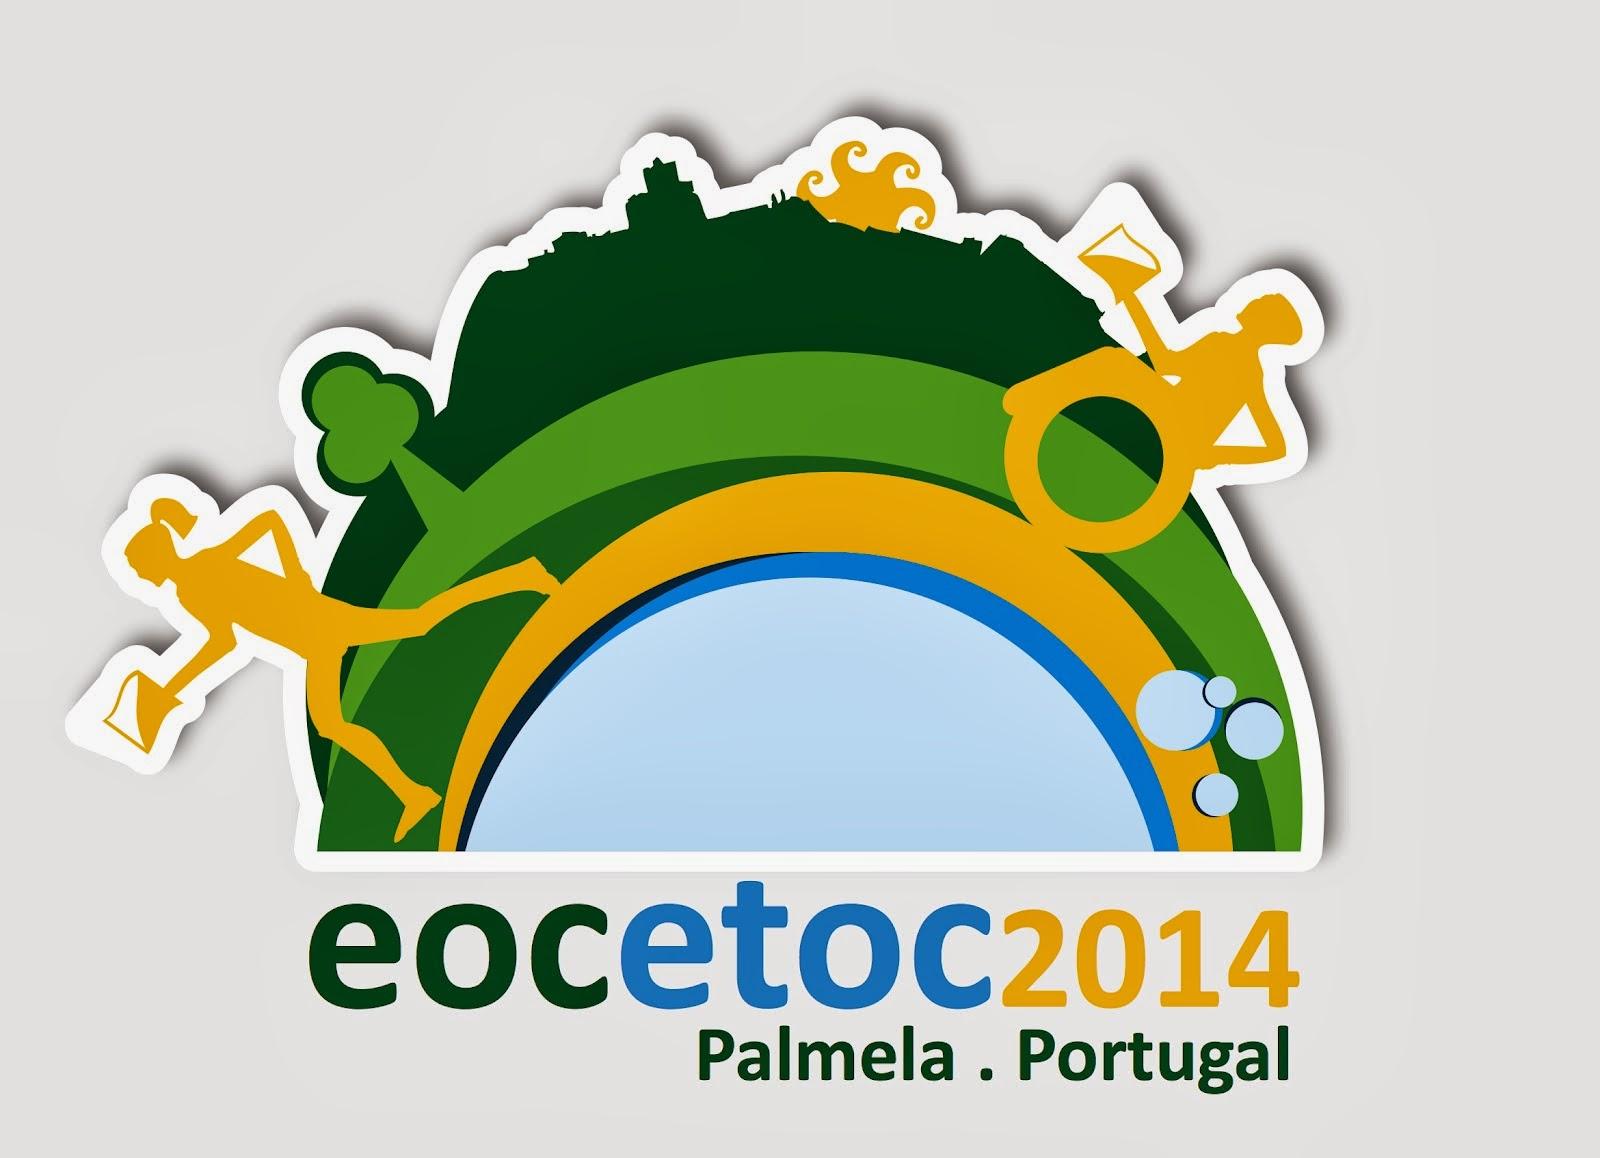 EOC / ETOC 2014